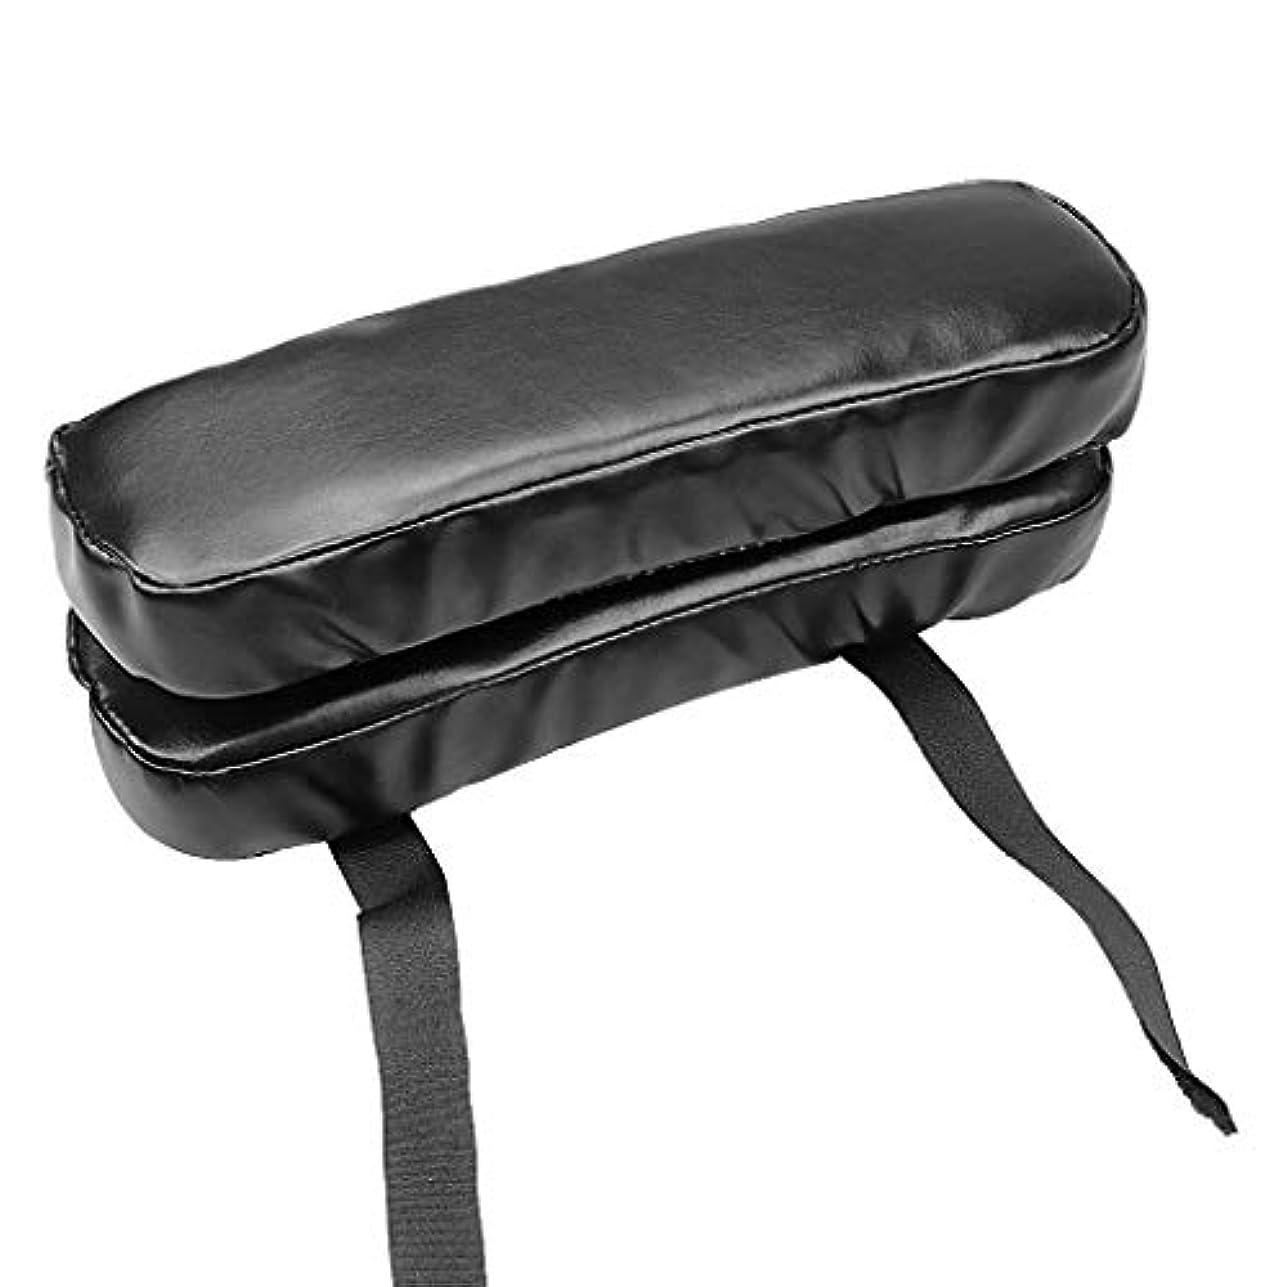 フェローシップ契約するキネマティクスLamdoo puレザーチェアアームレストパッドクッション低反発ソフト反発肘肘枕オフィス車の椅子